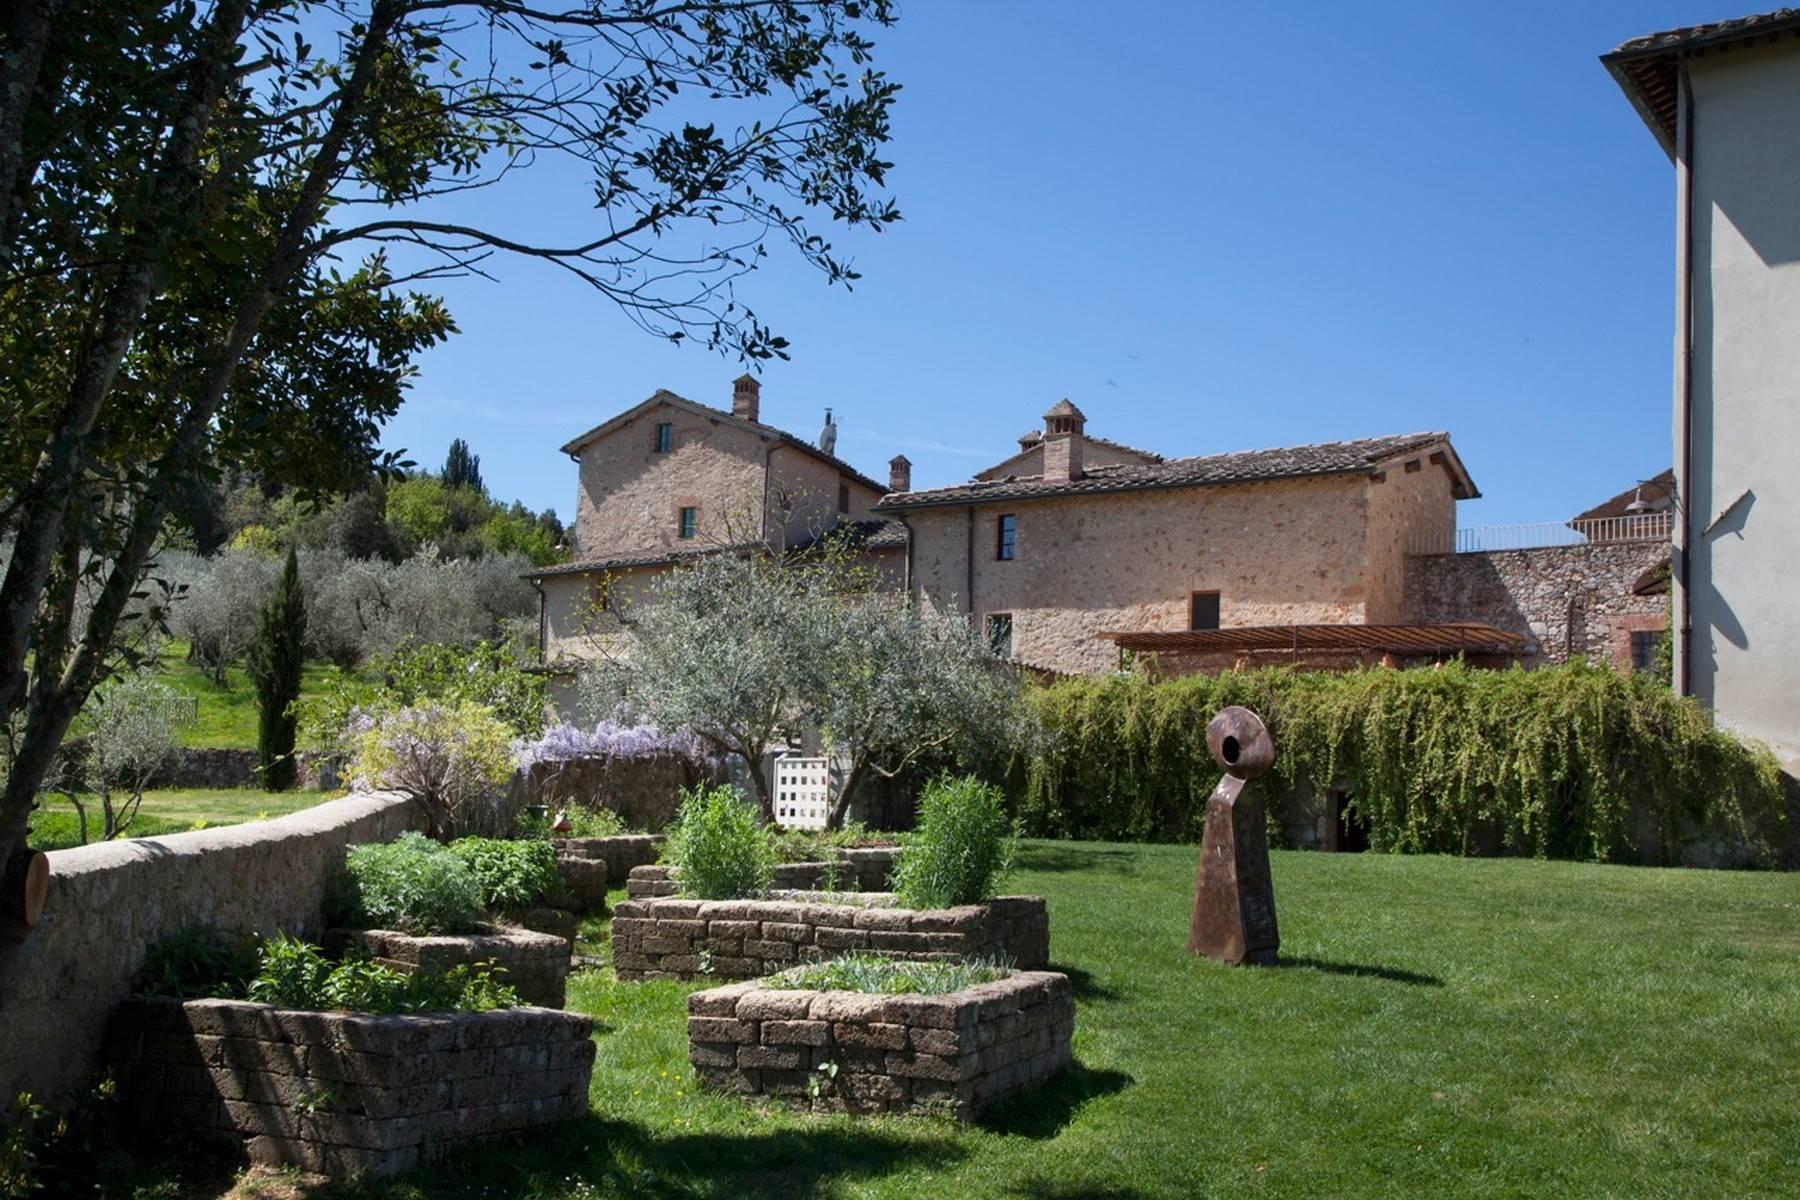 Incroyable petit village dans les collines de Sienne - 3